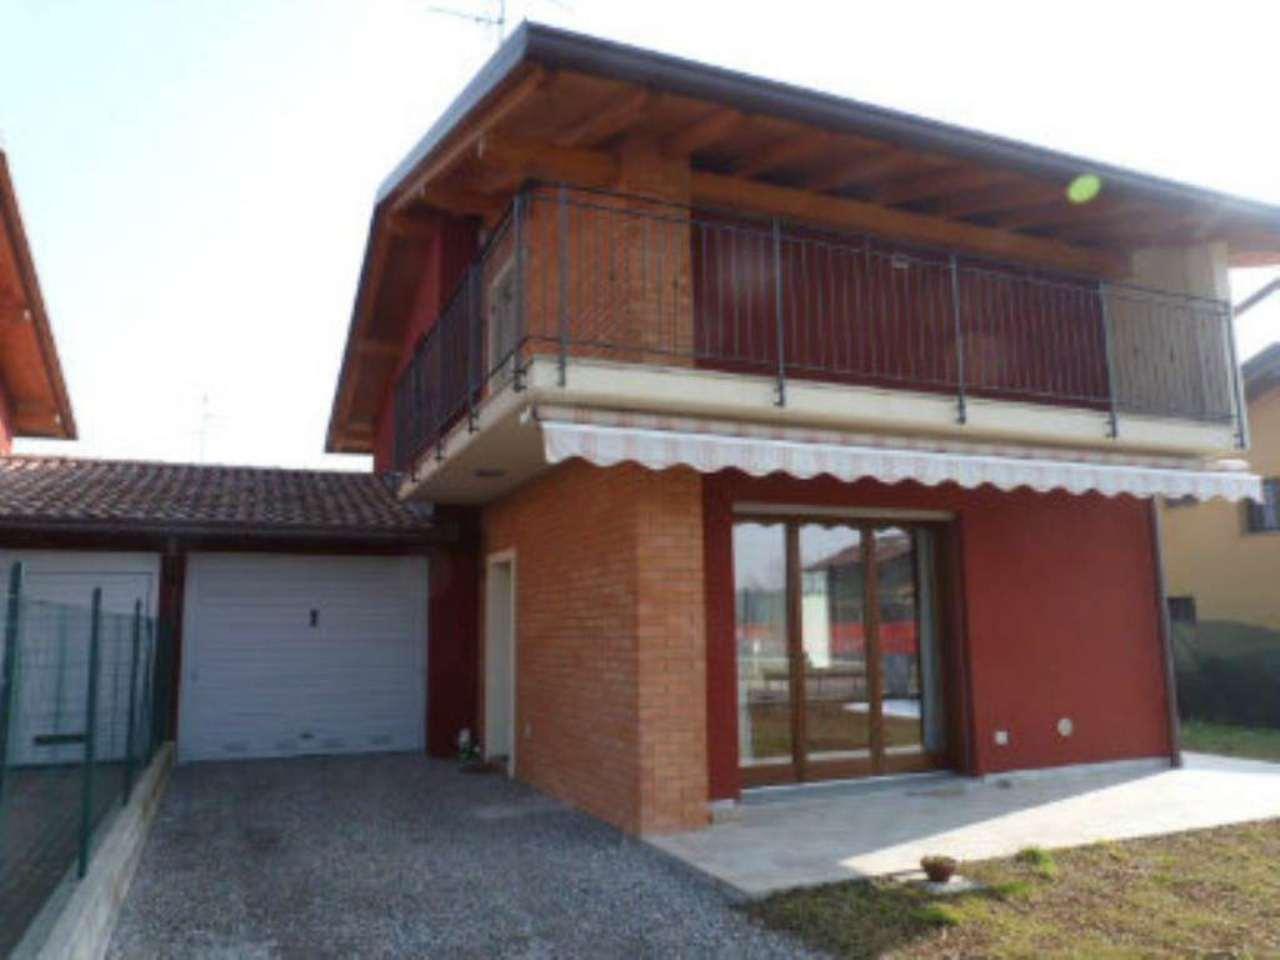 Villa in vendita a Limido Comasco, 5 locali, prezzo € 299.000 | Cambio Casa.it